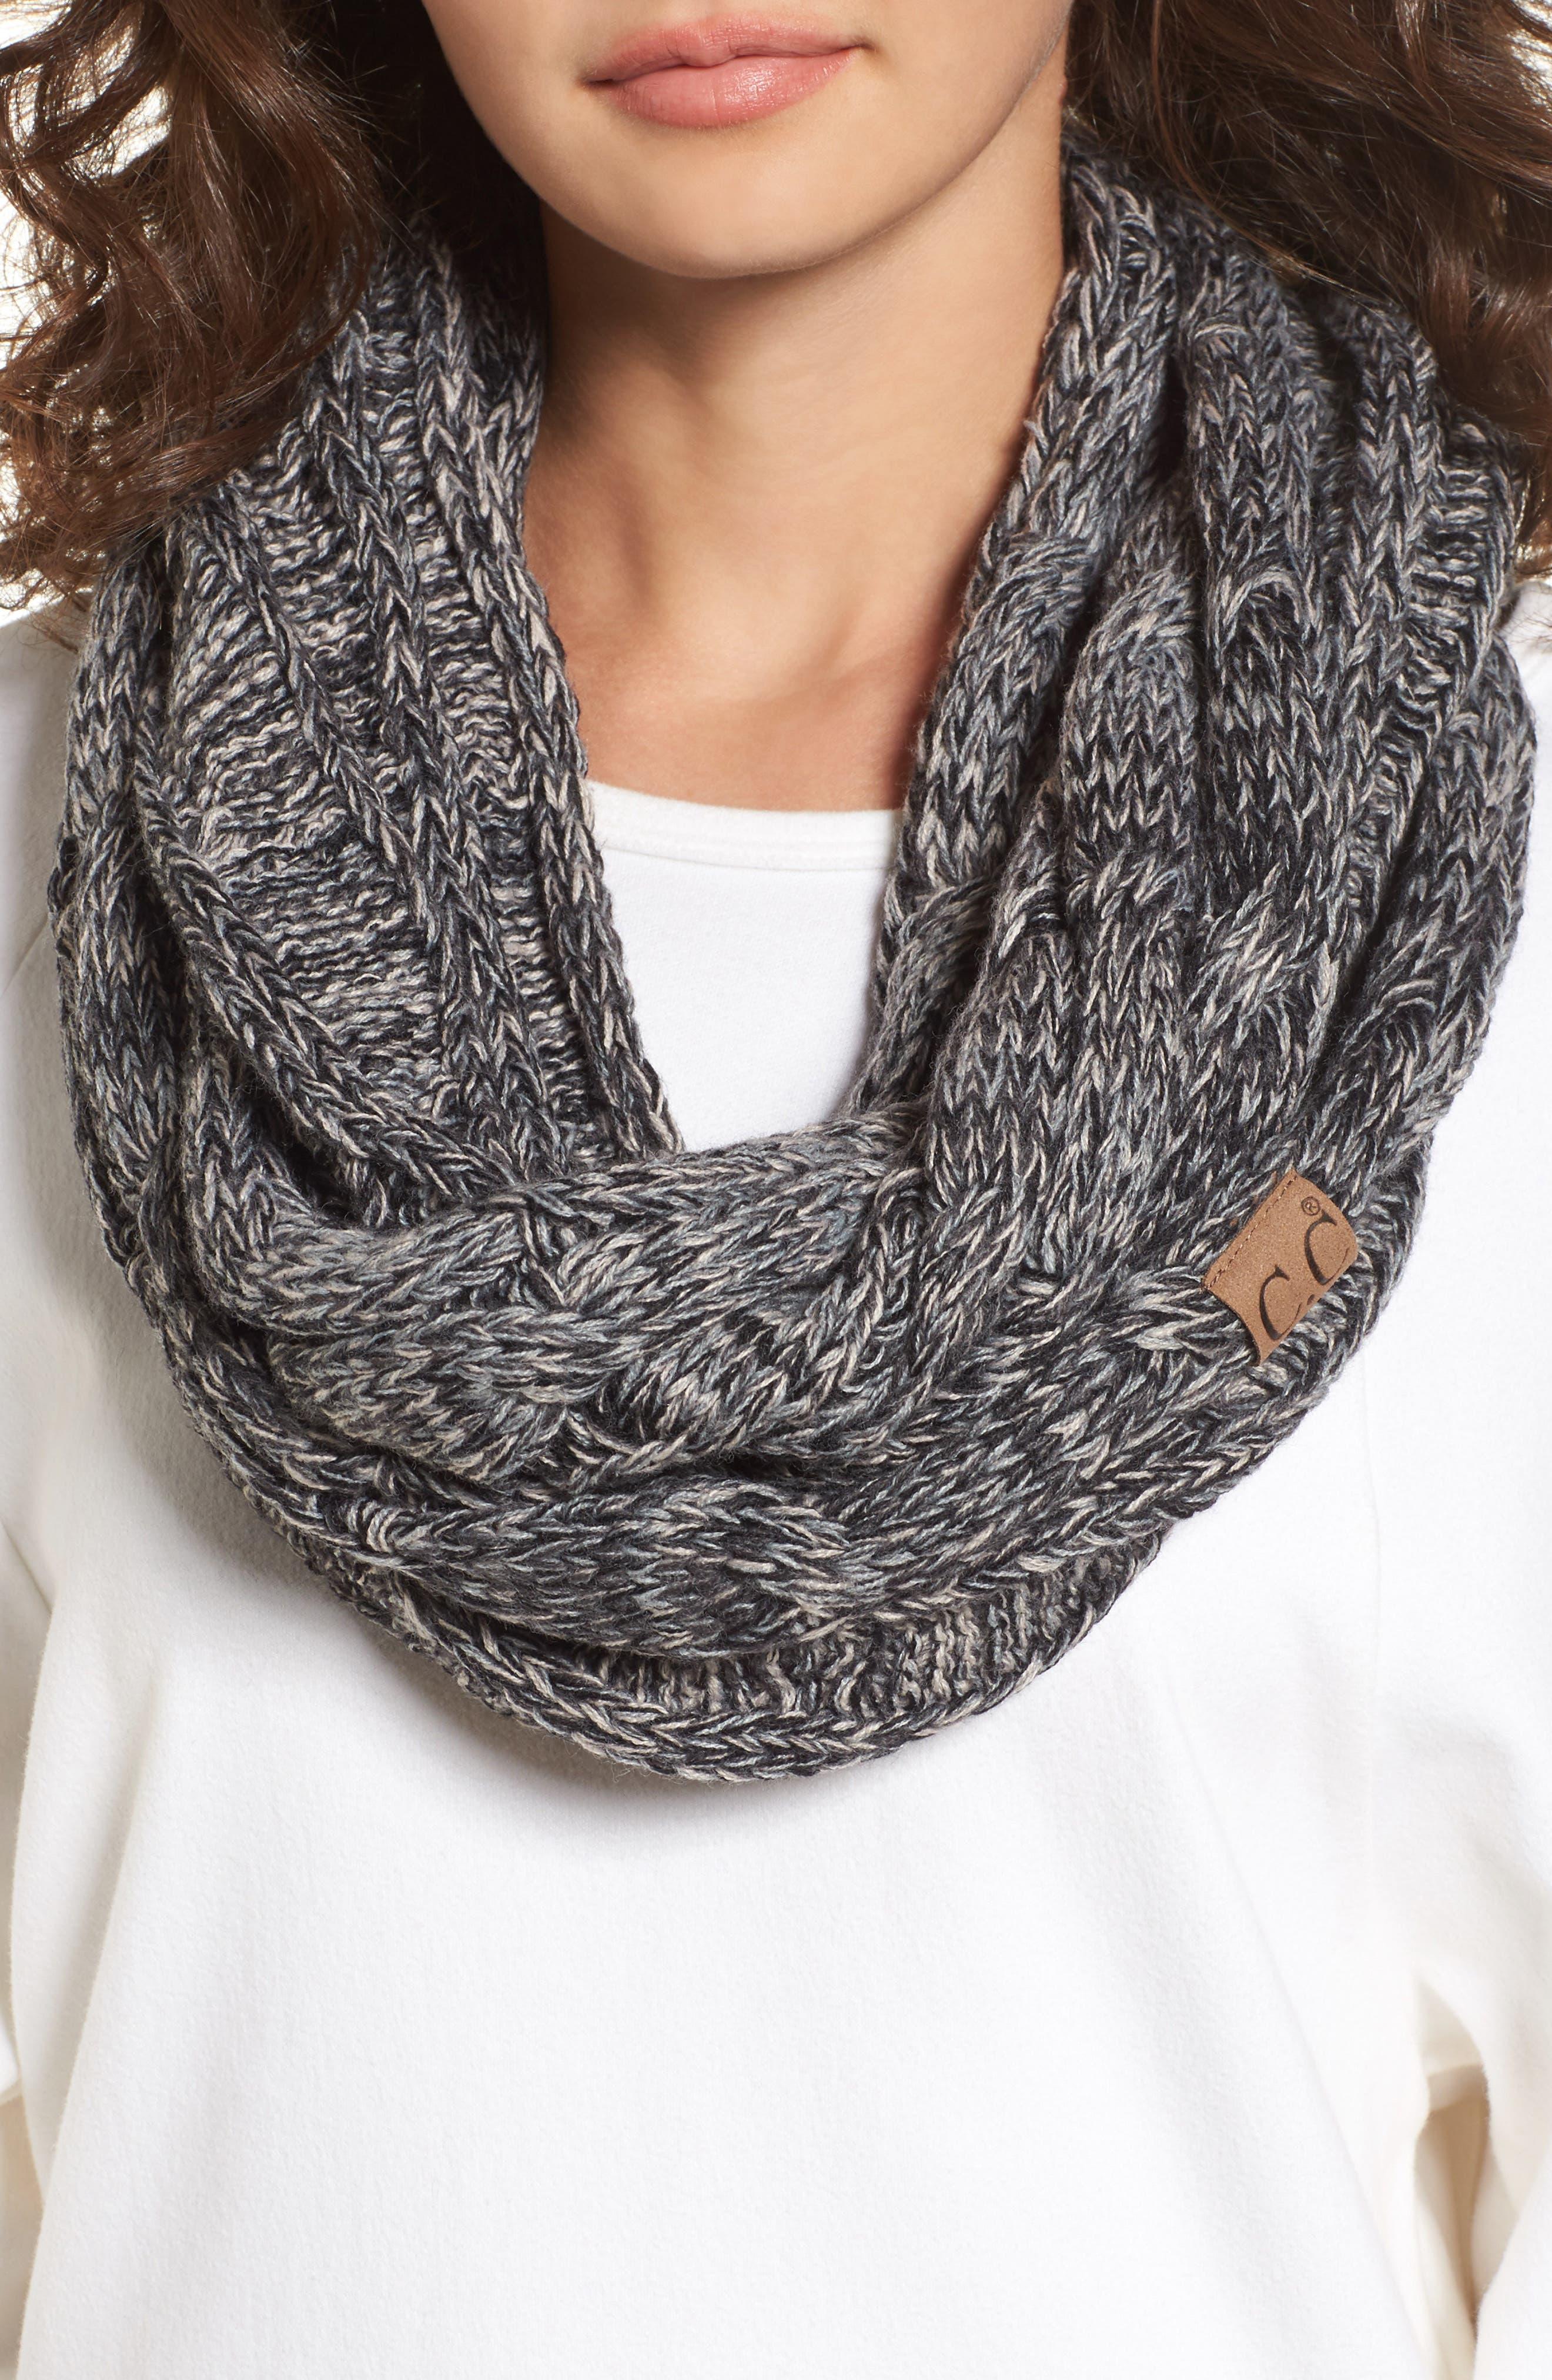 CC Knit Infinity Scarf